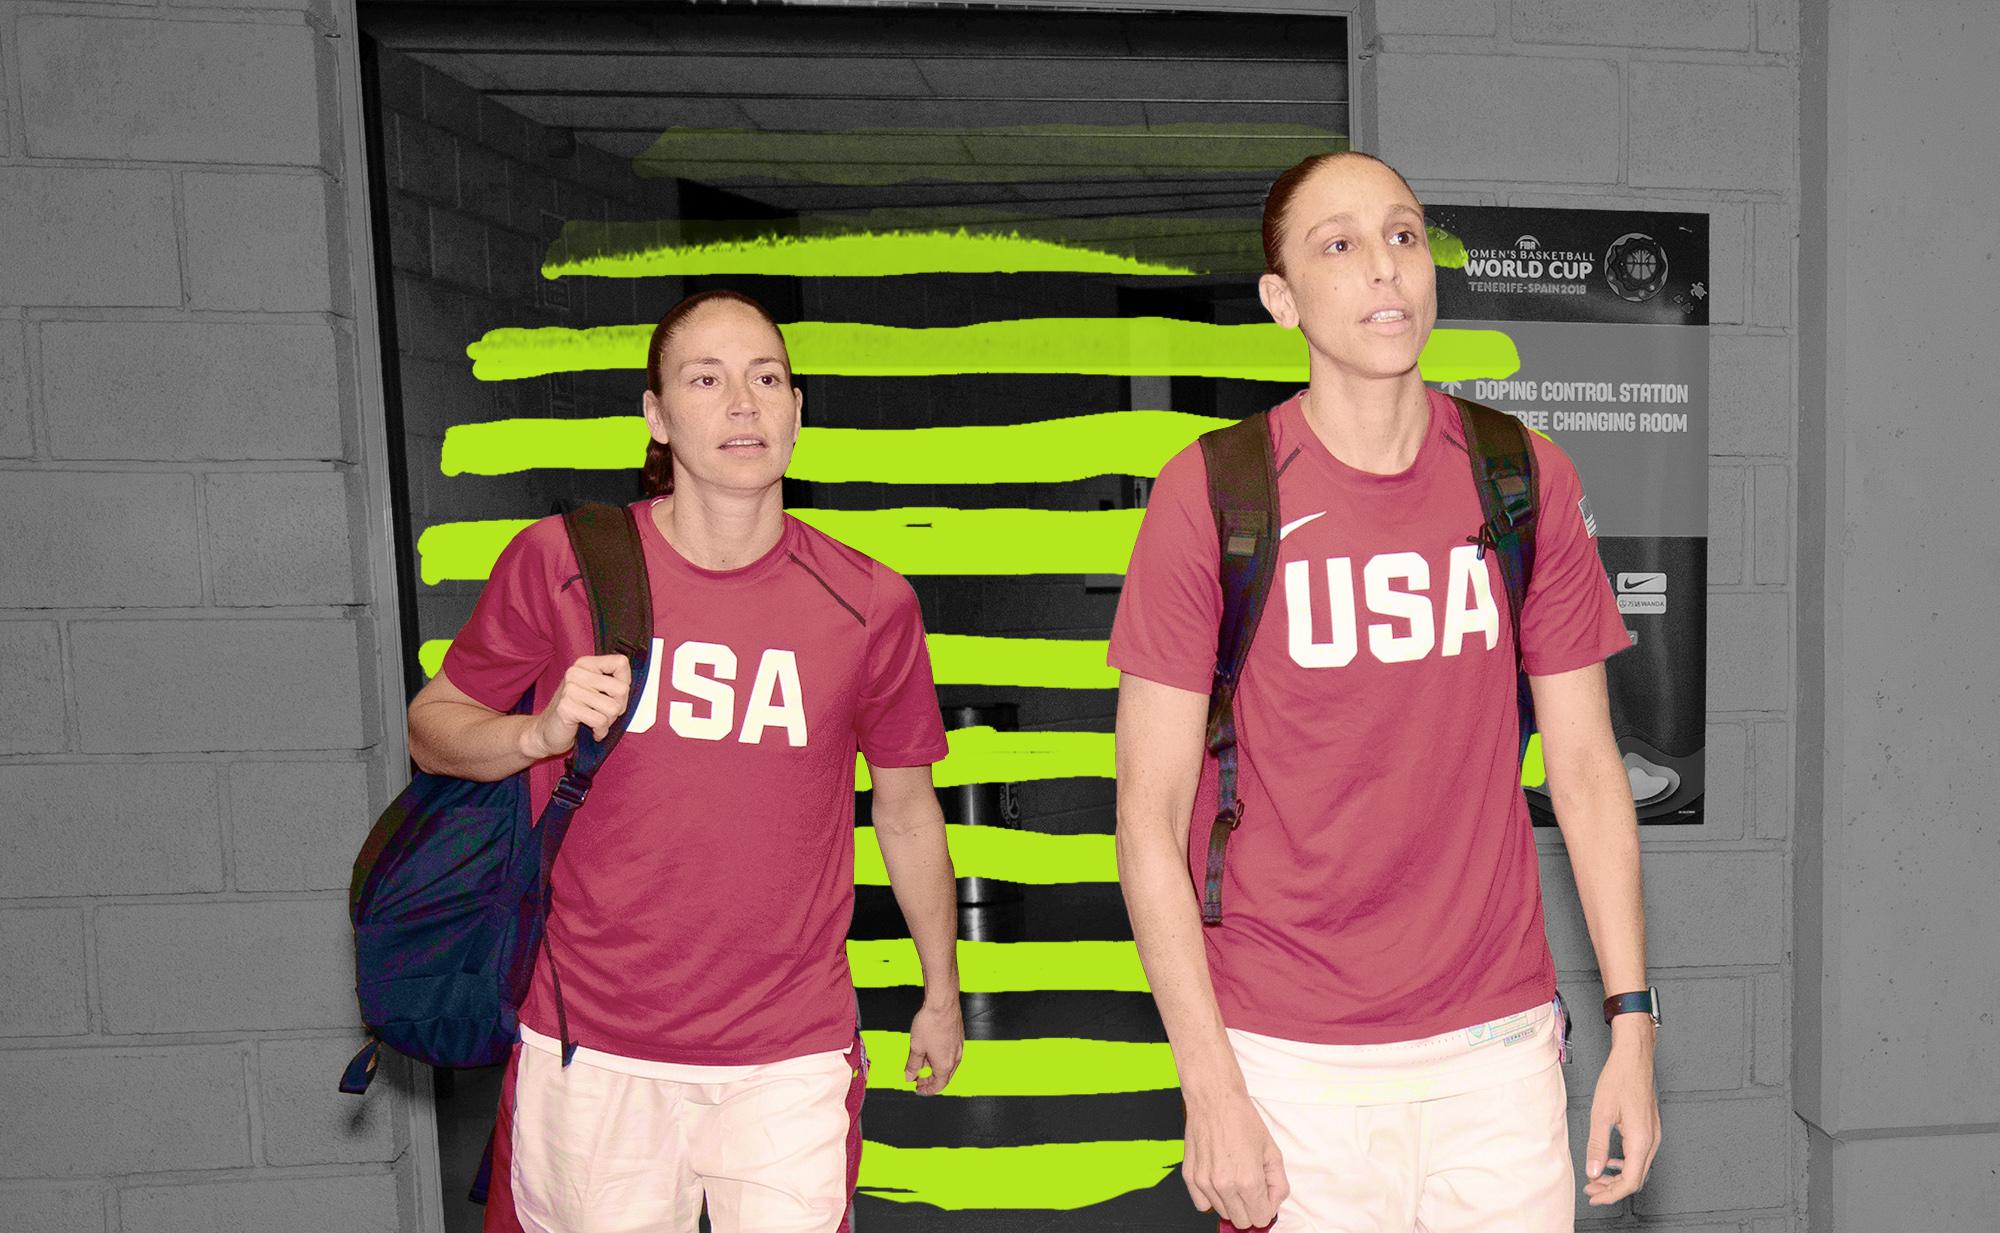 Diana Taurasi and Sue Bird in their USA warmups.